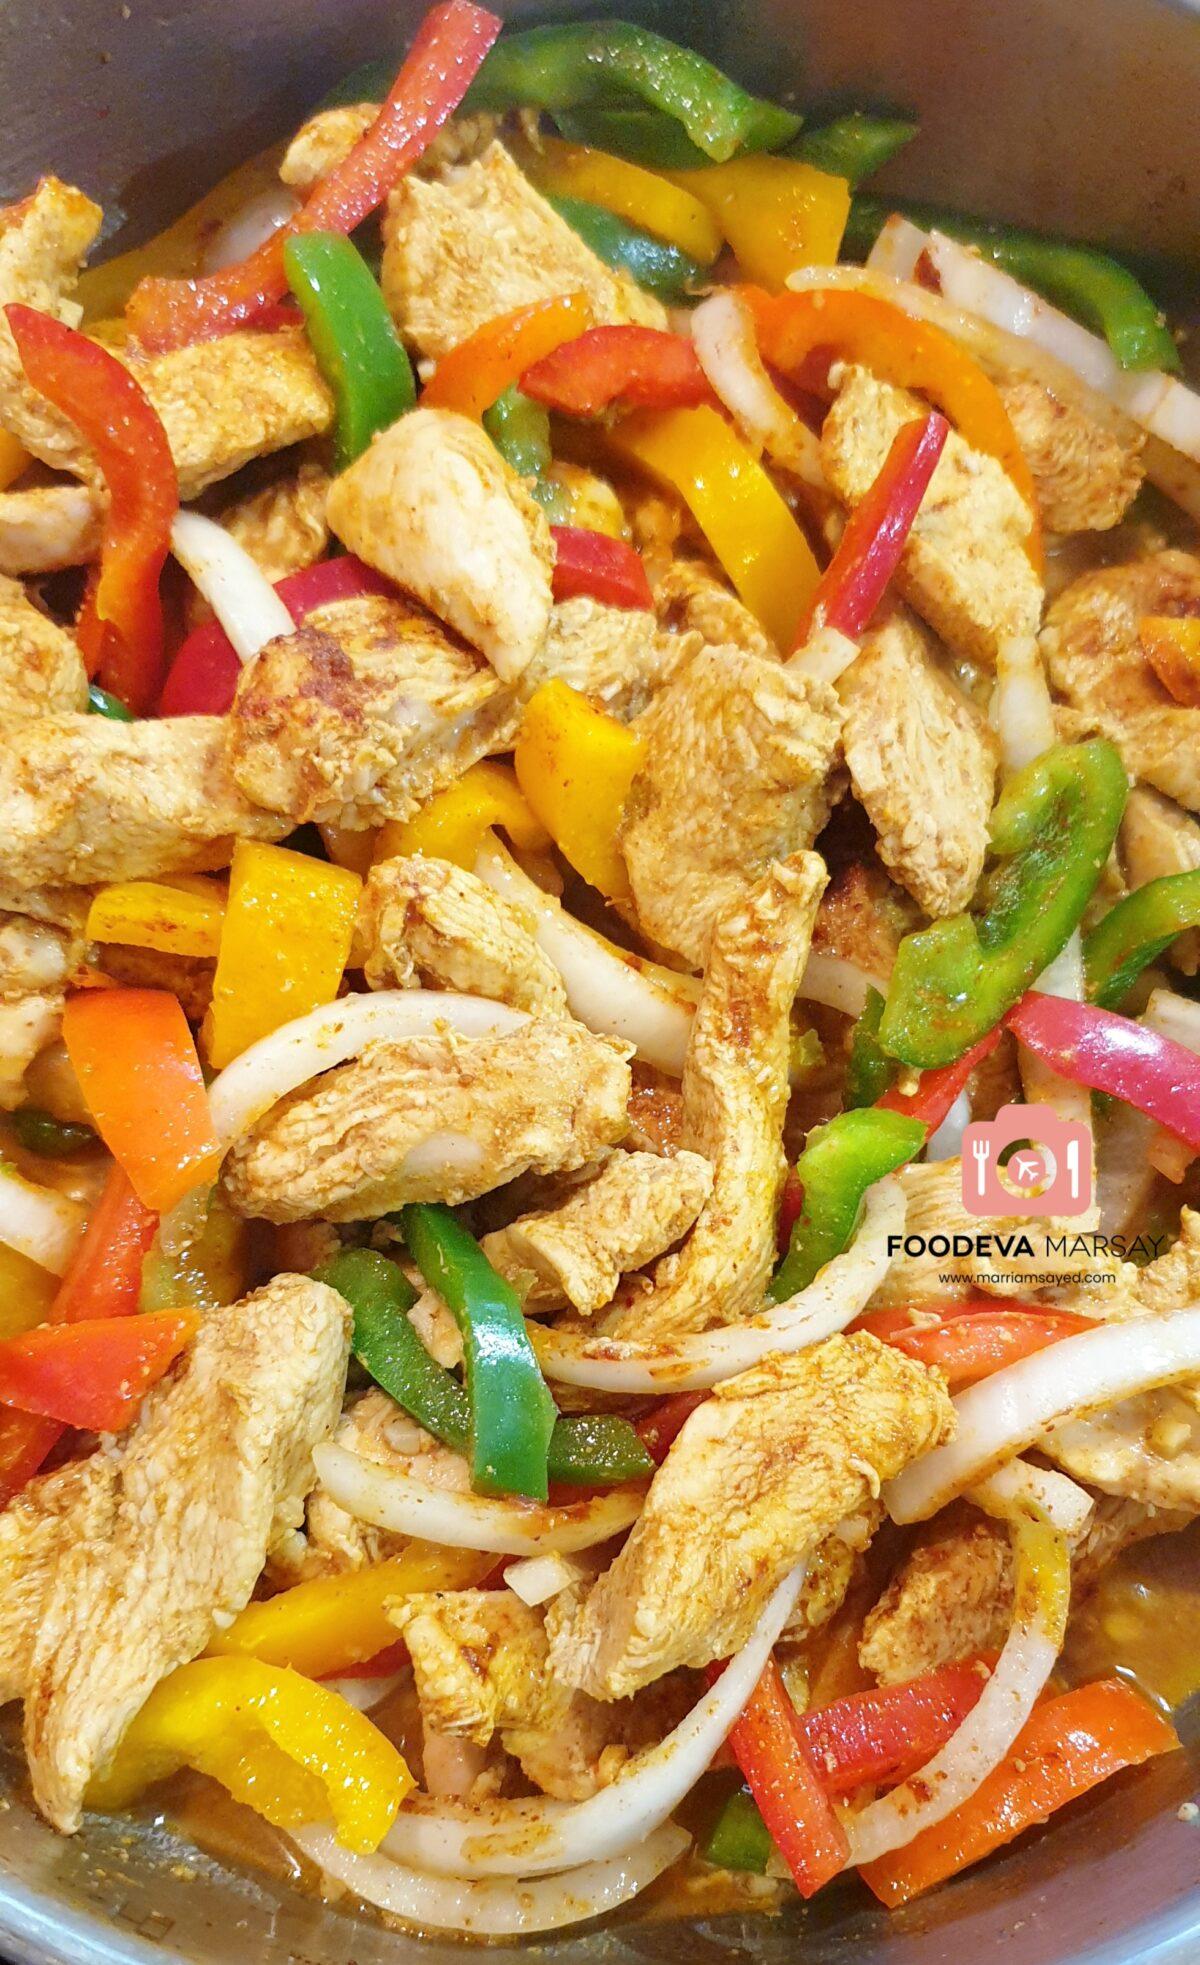 Add More Spices To the Fajita for more flavour.